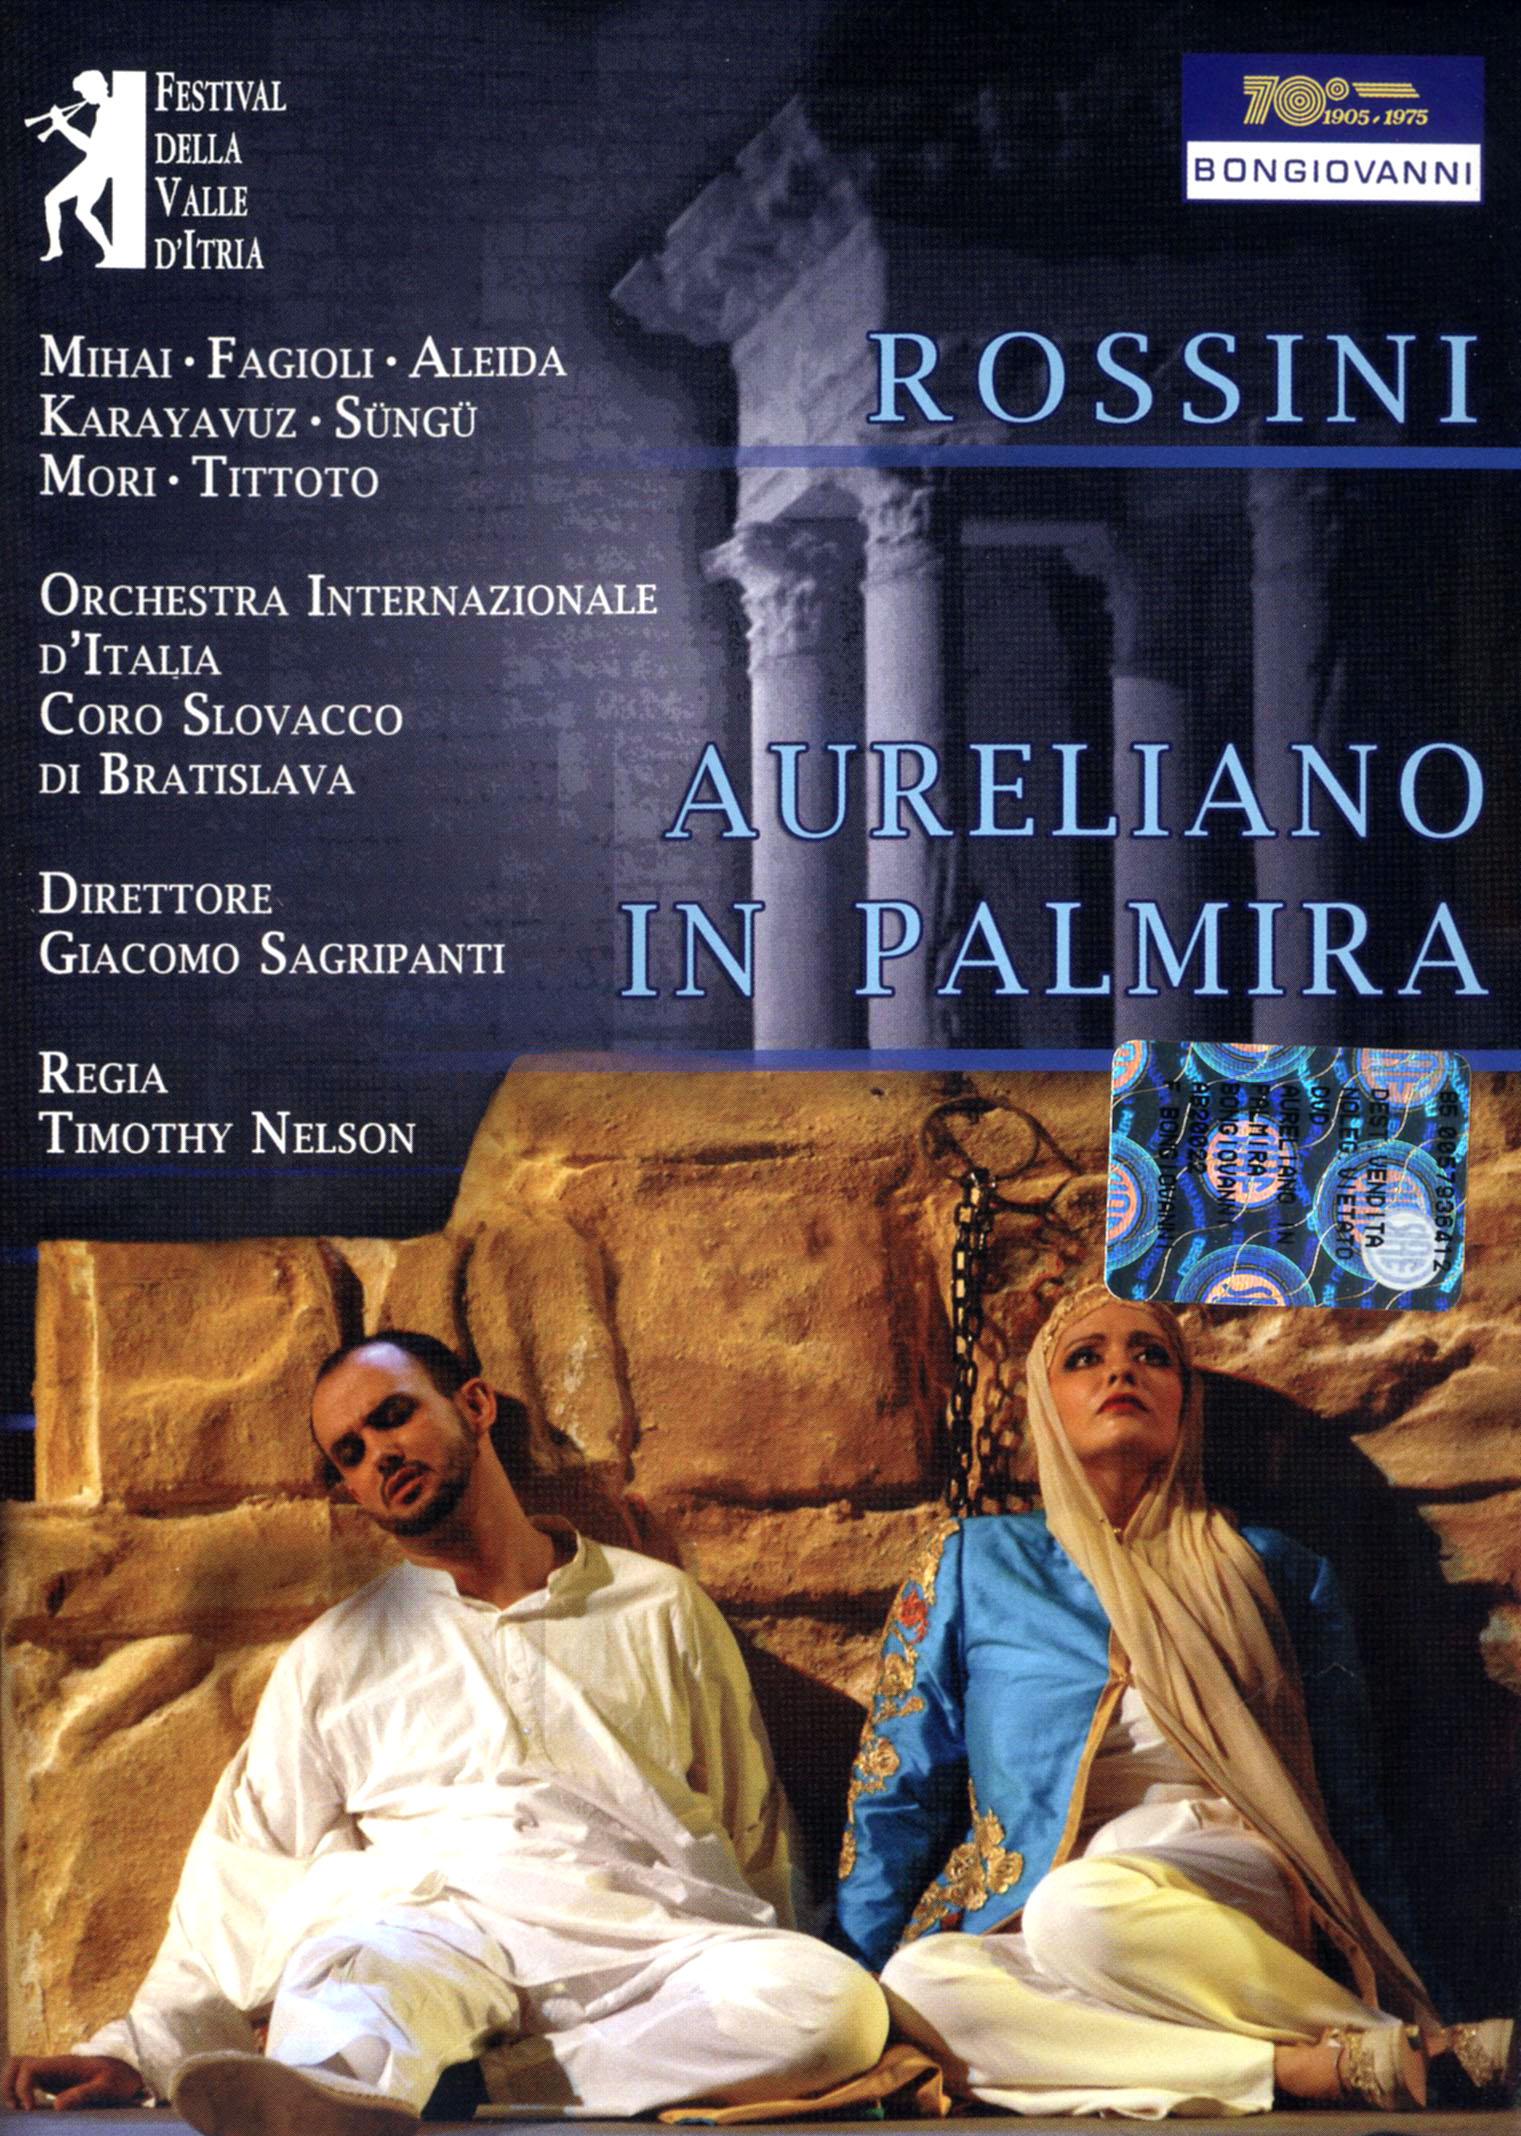 Aureliano in Palmira (Festival della Valle d'Itria)